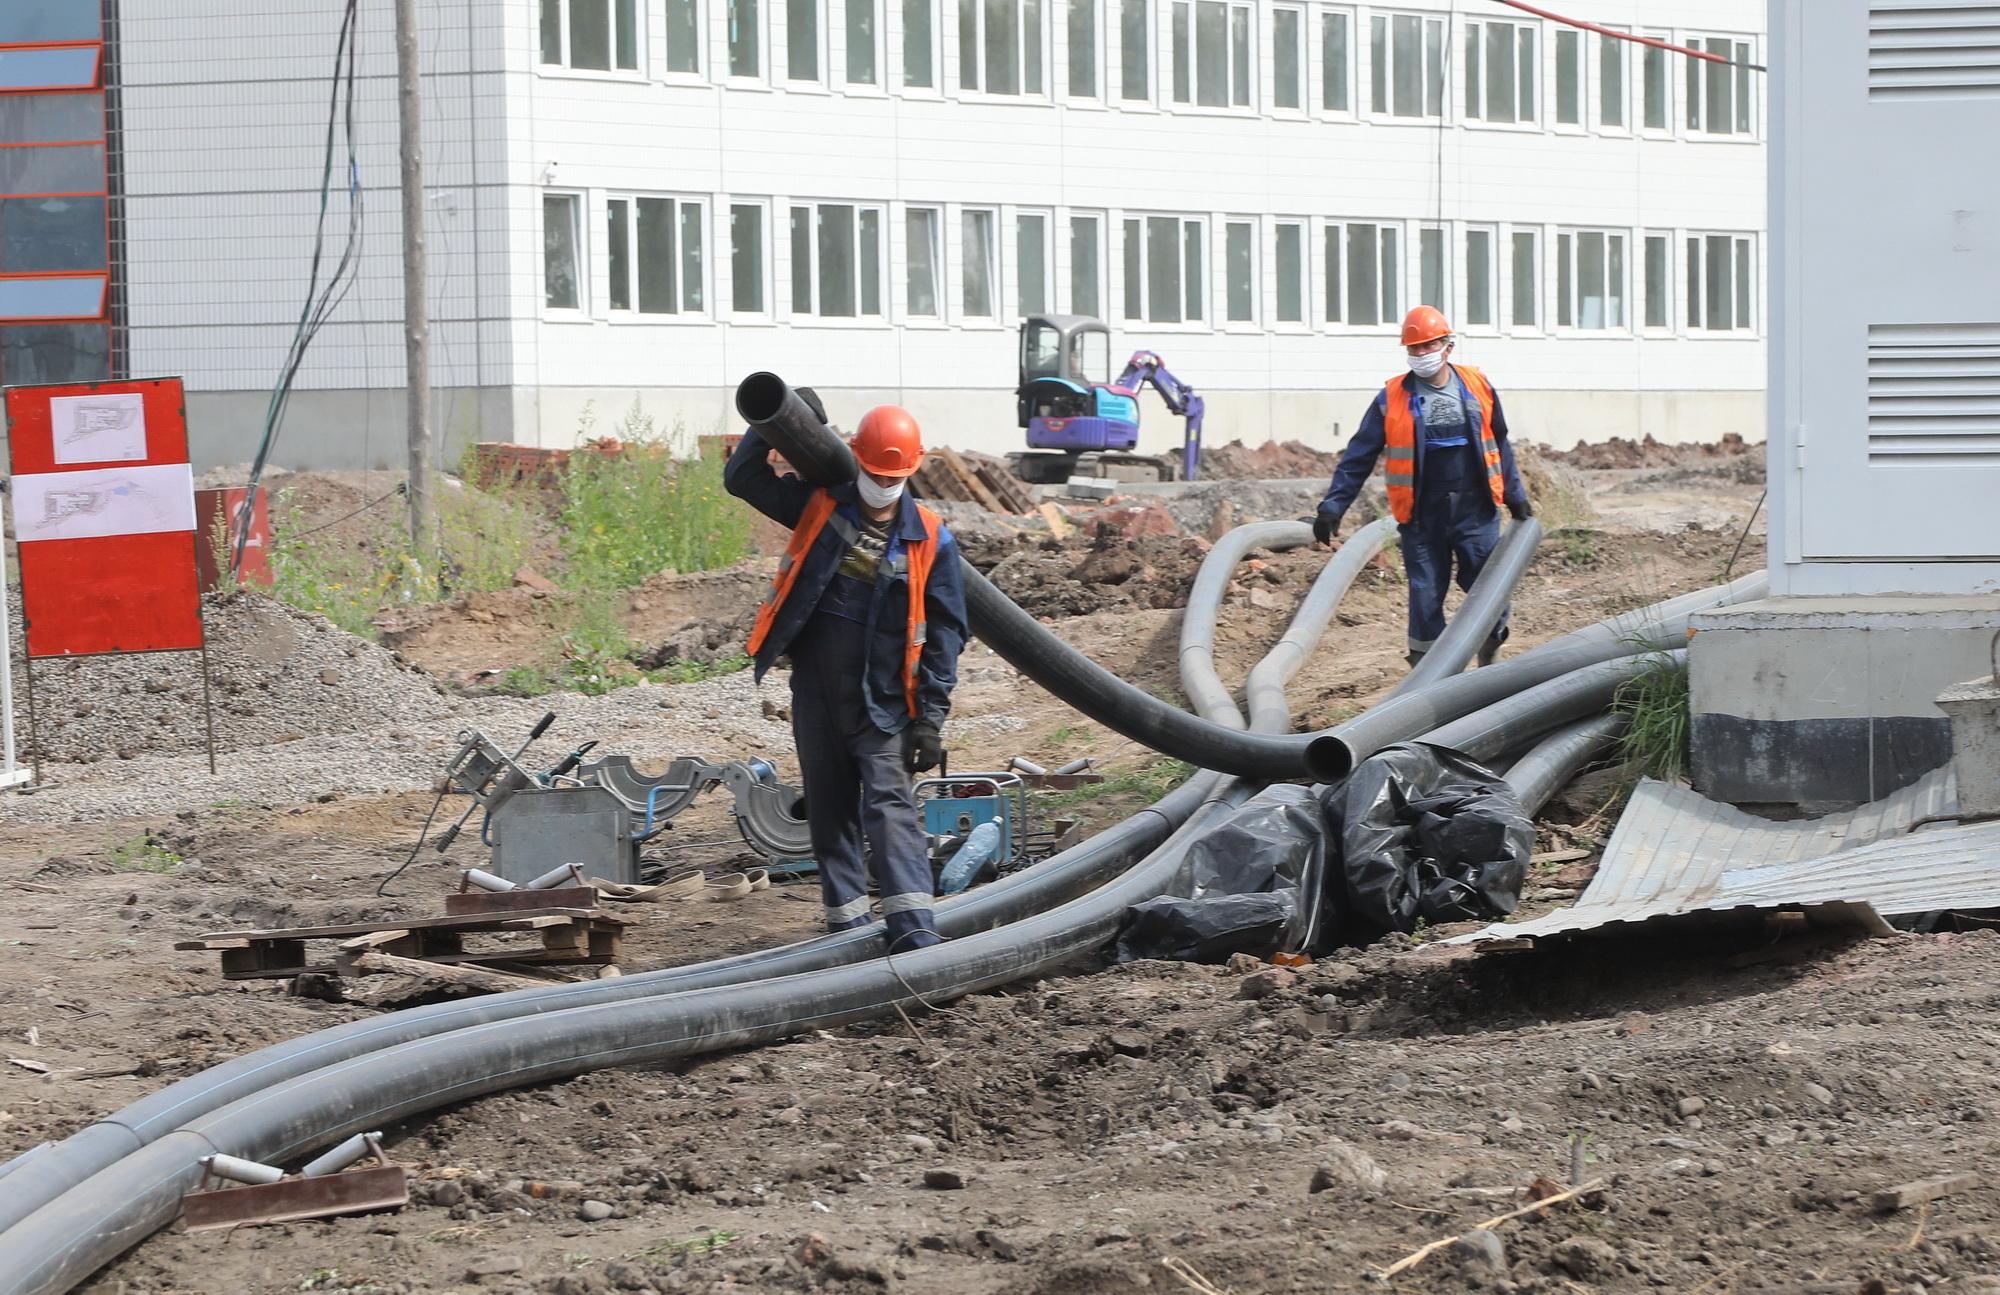 Для обеспечения самой большой школы Свердловского района услугами водоснабжения и водоотведения КрасКом построит 2 065 погонных метров трубопроводов, в том числе 753,4 м. водопровода и 1 311,3 м. канализации. Трубы питьевого водоснабжения и водоотведения прокладывают методом горизонтально-направленного бурения.